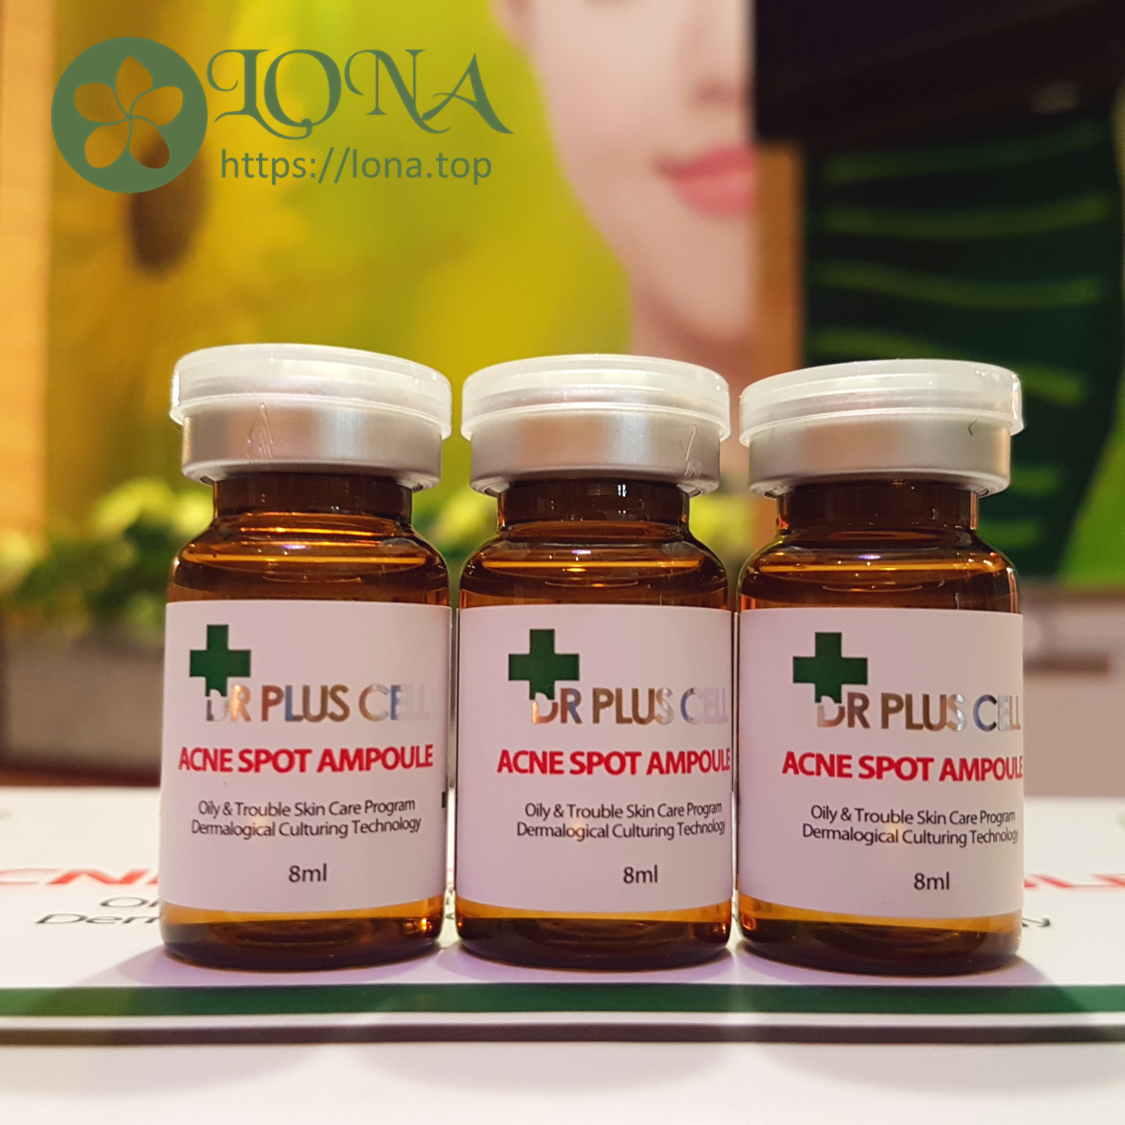 Tế bào gốc trị mụn Dr pluscell